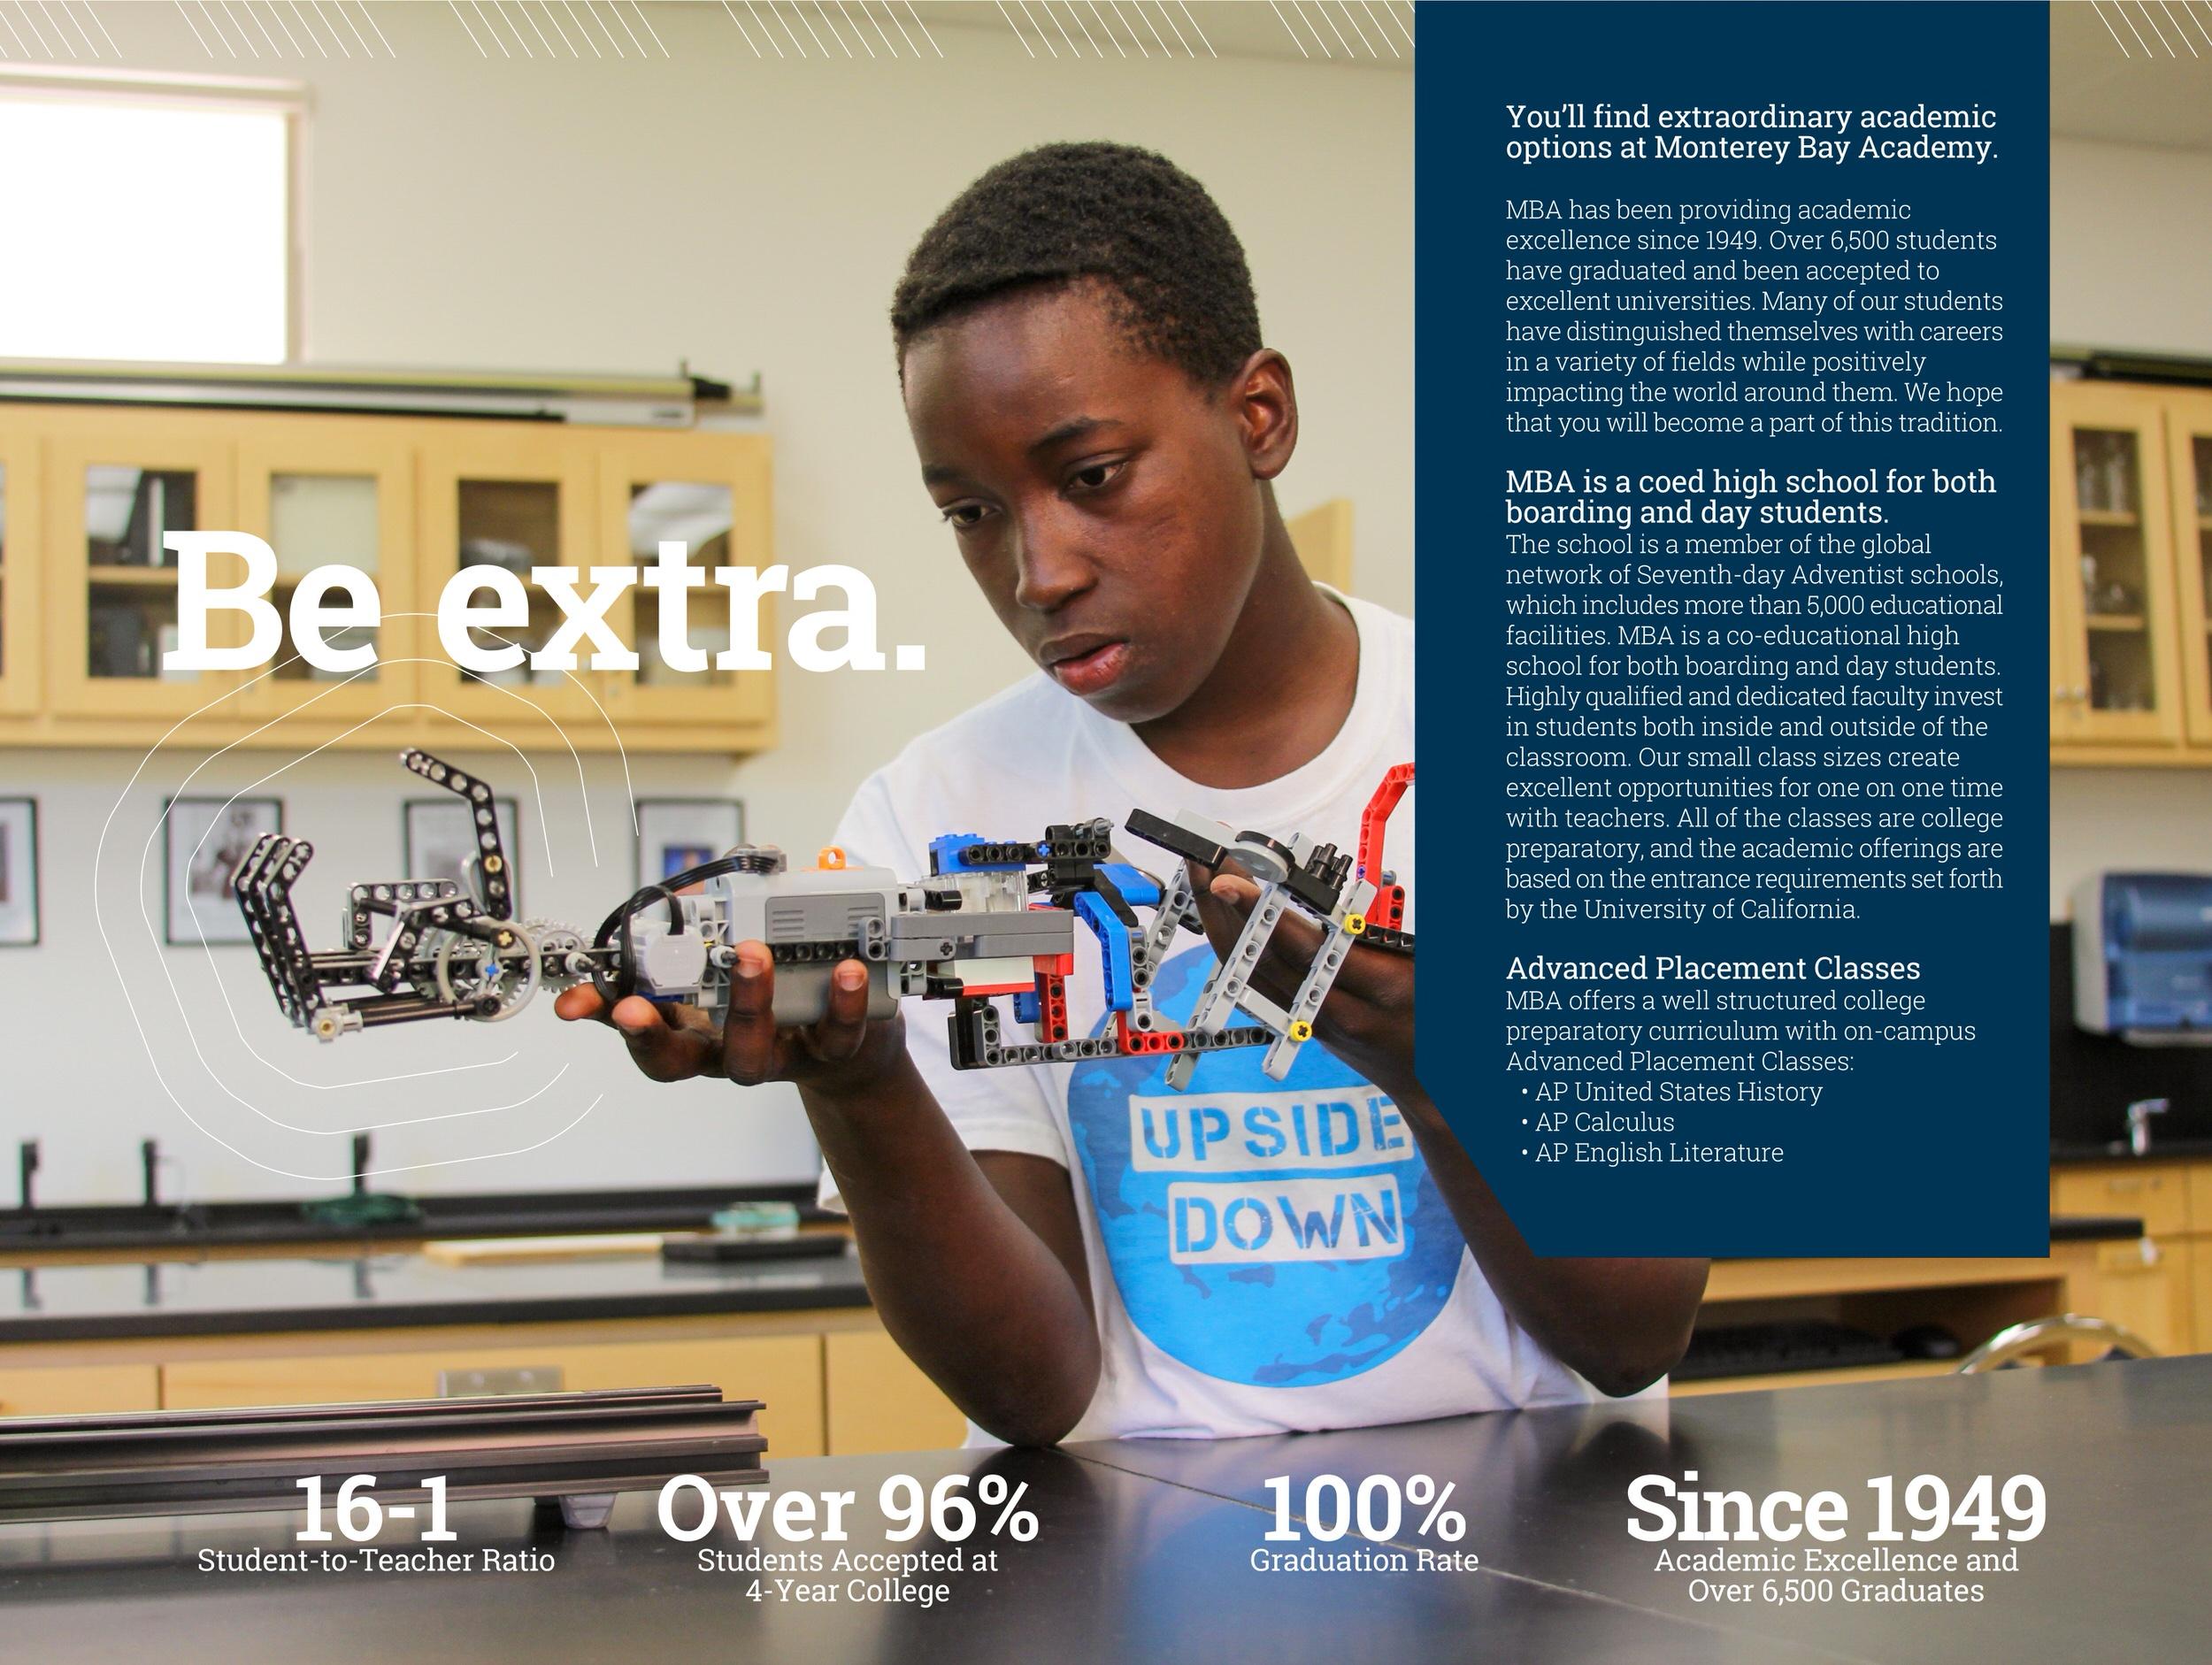 MBA-Viewbook-4-08.jpg